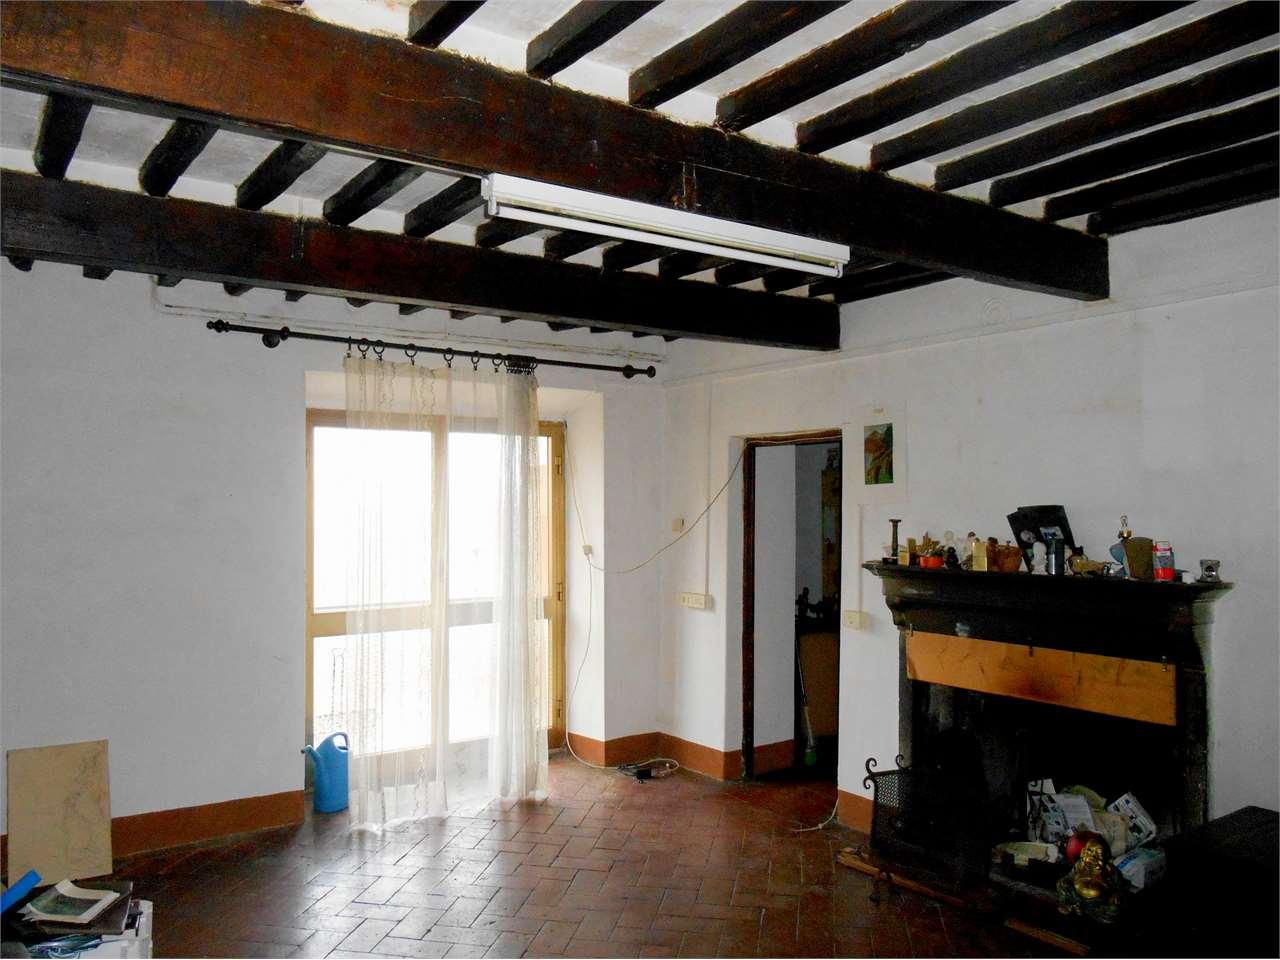 Appartamento in vendita a Bagni di Lucca, 10 locali, prezzo € 78.000 | CambioCasa.it